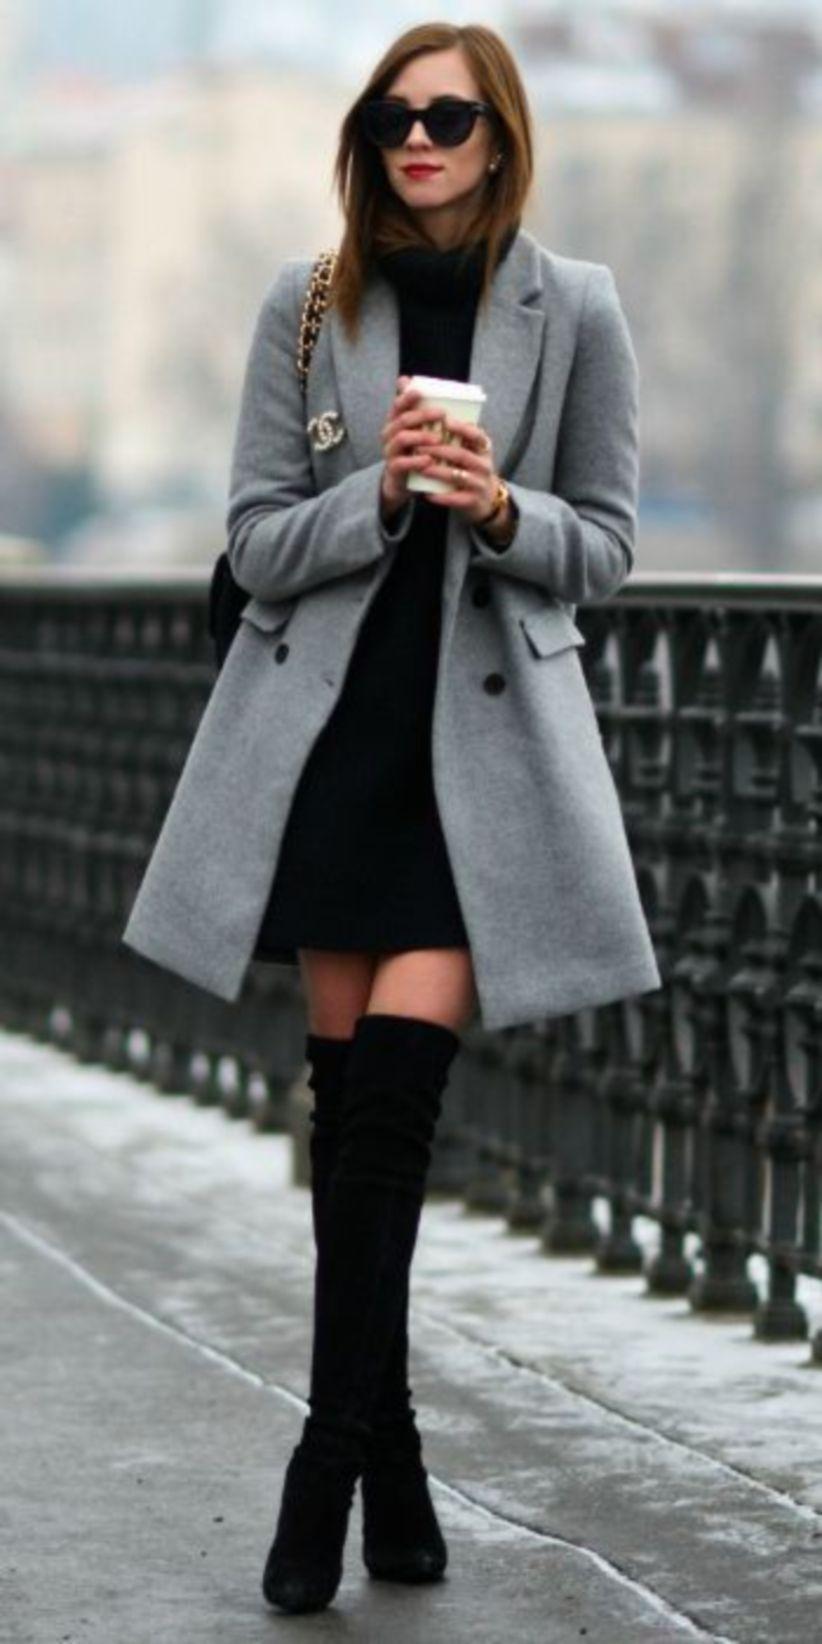 33 Warm Winter Tops Hot Women Fashion